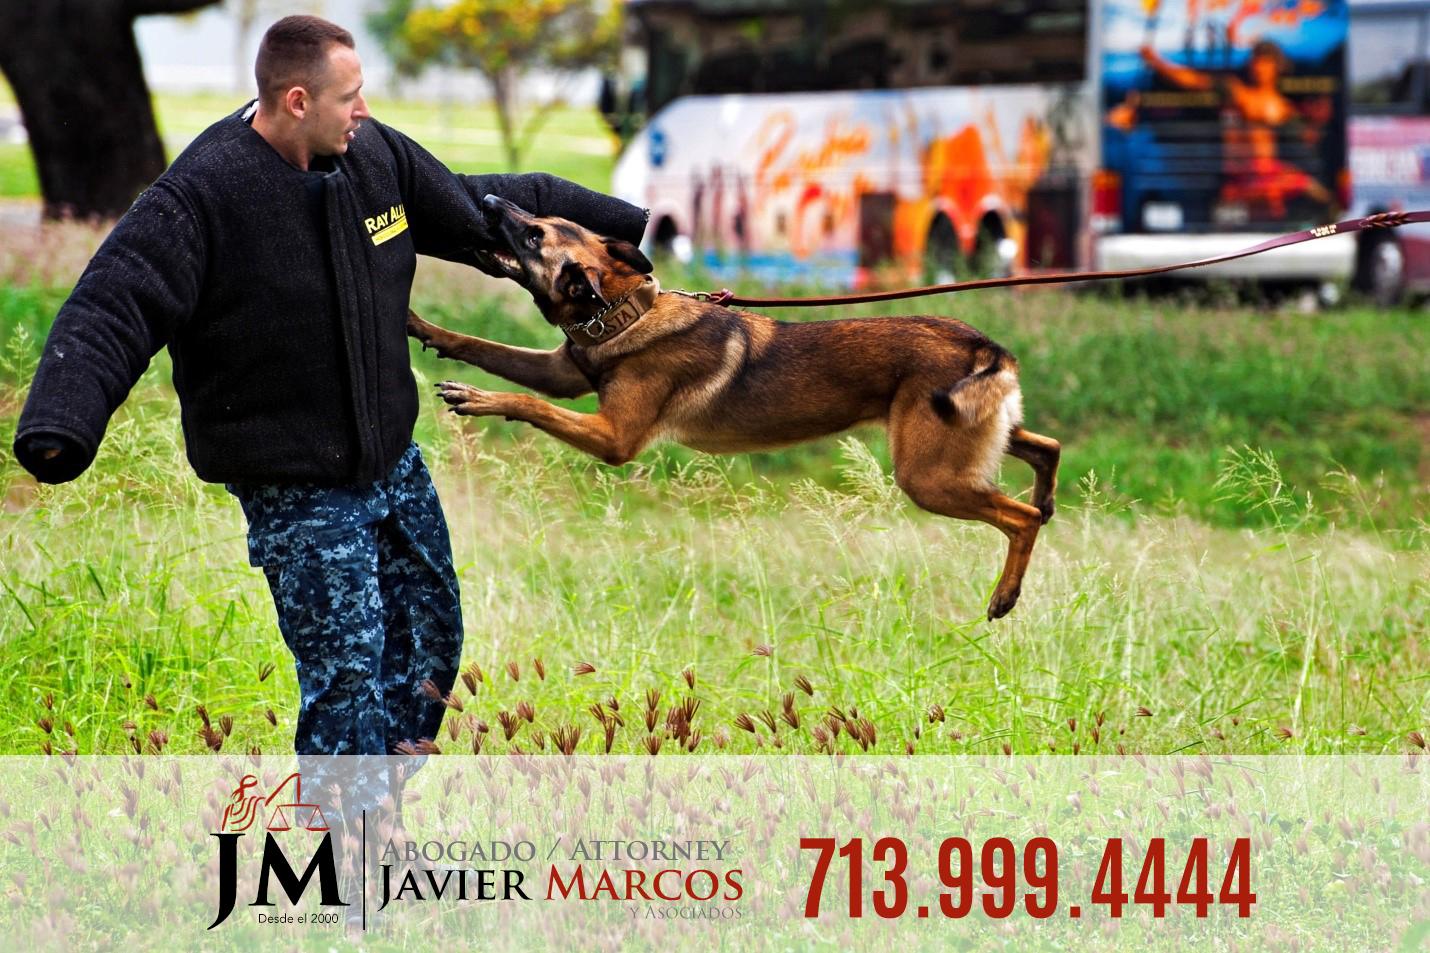 Ataque de perro | Abogado Javier Marcos | 713.999.4444